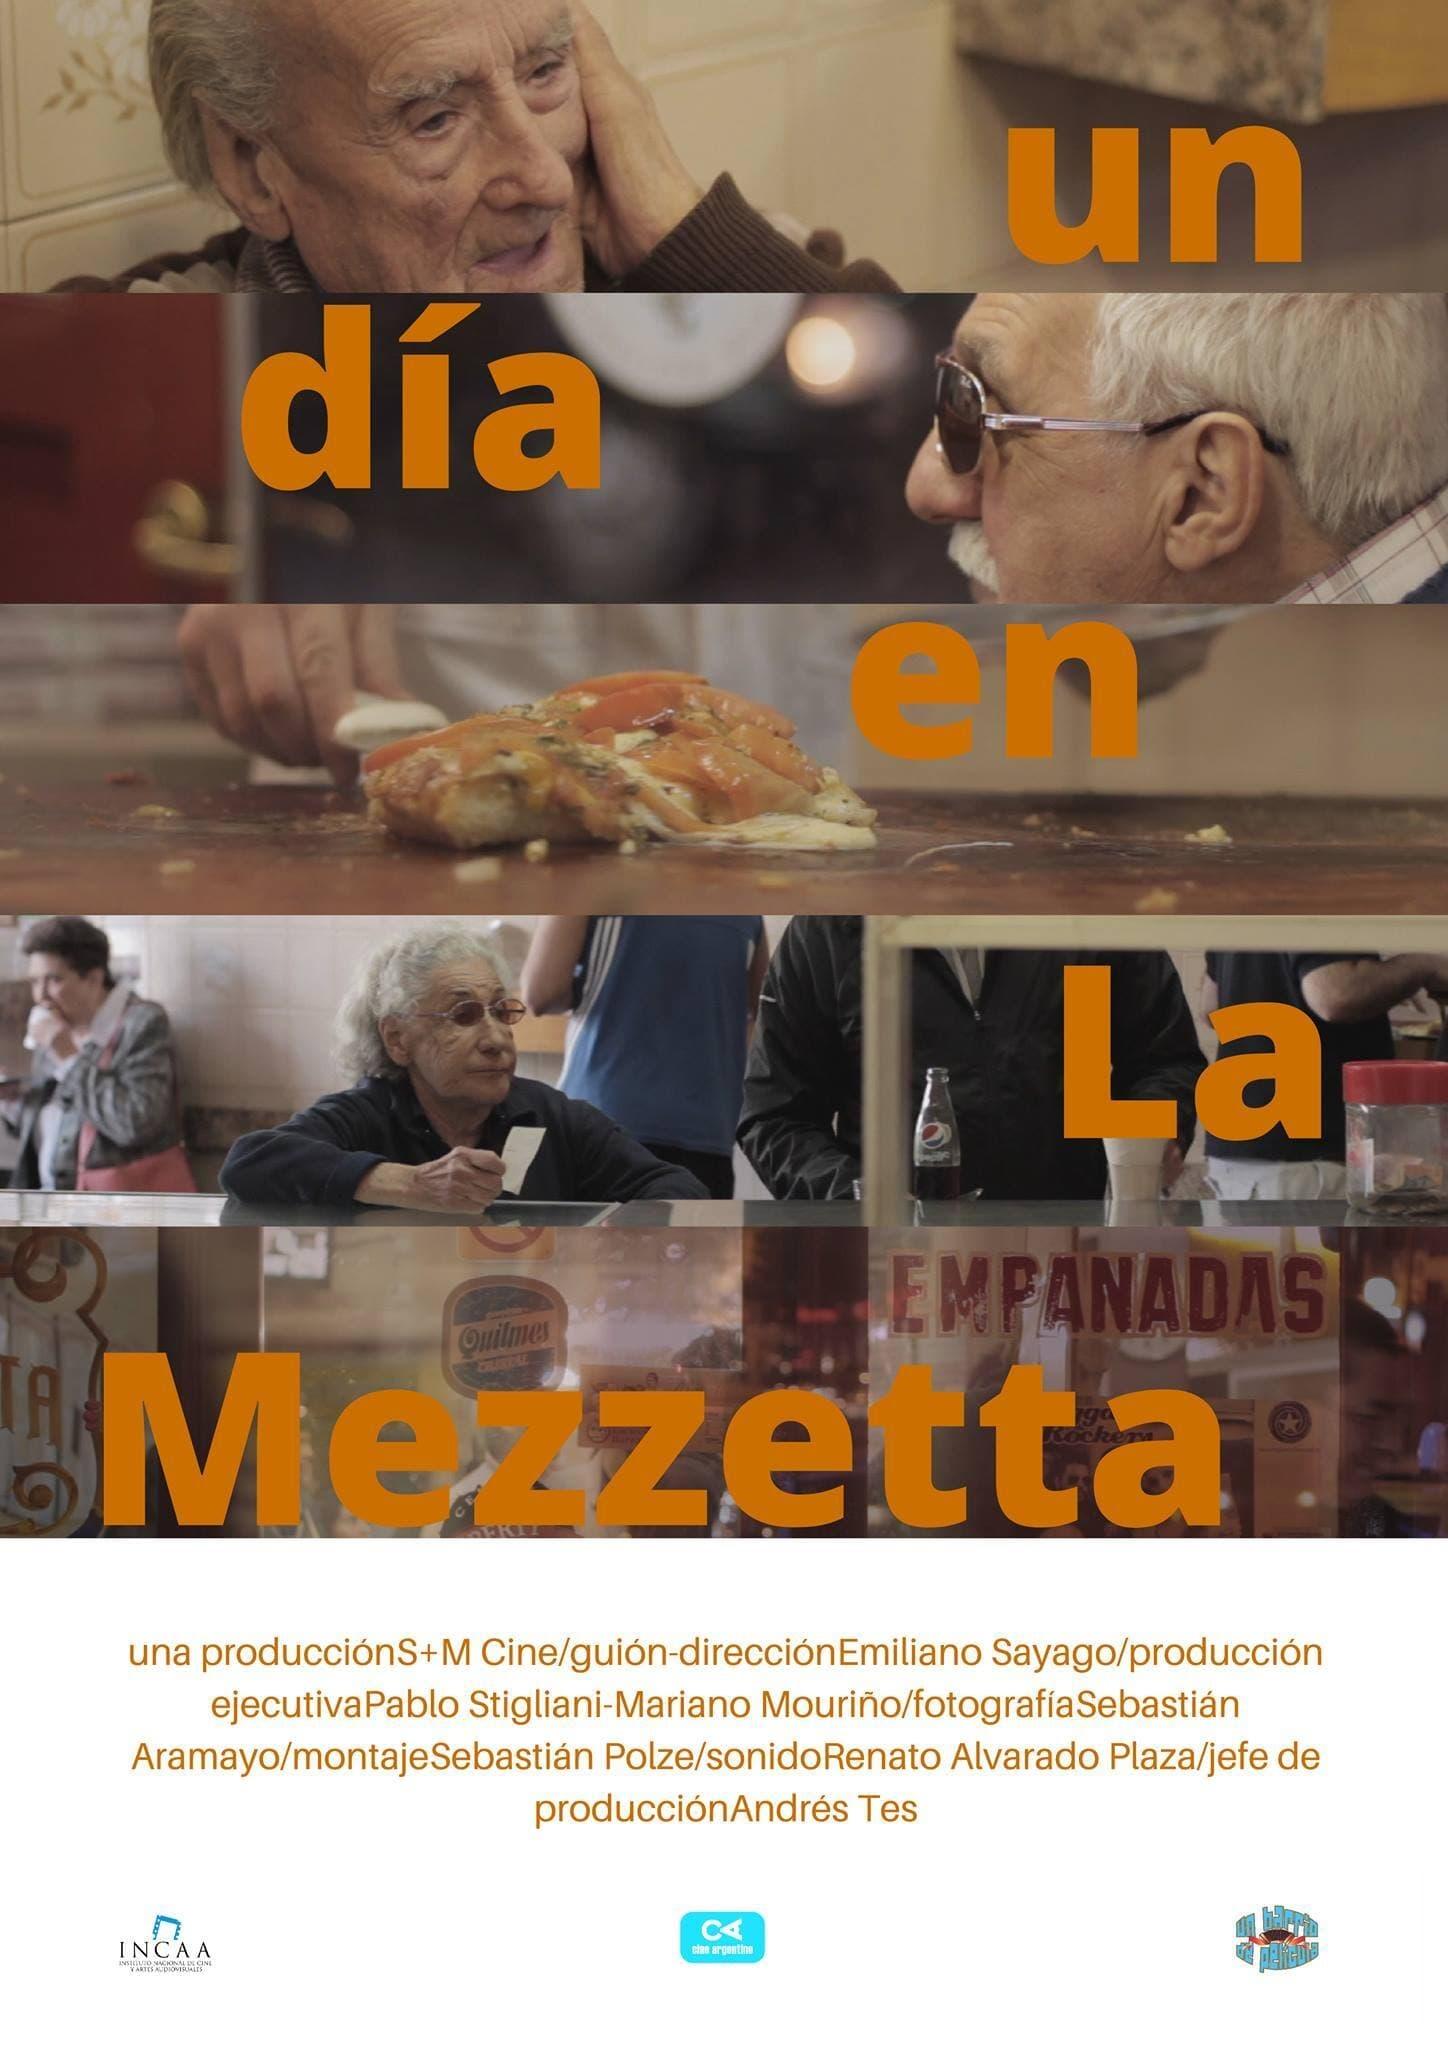 Un día en La Mezzetta